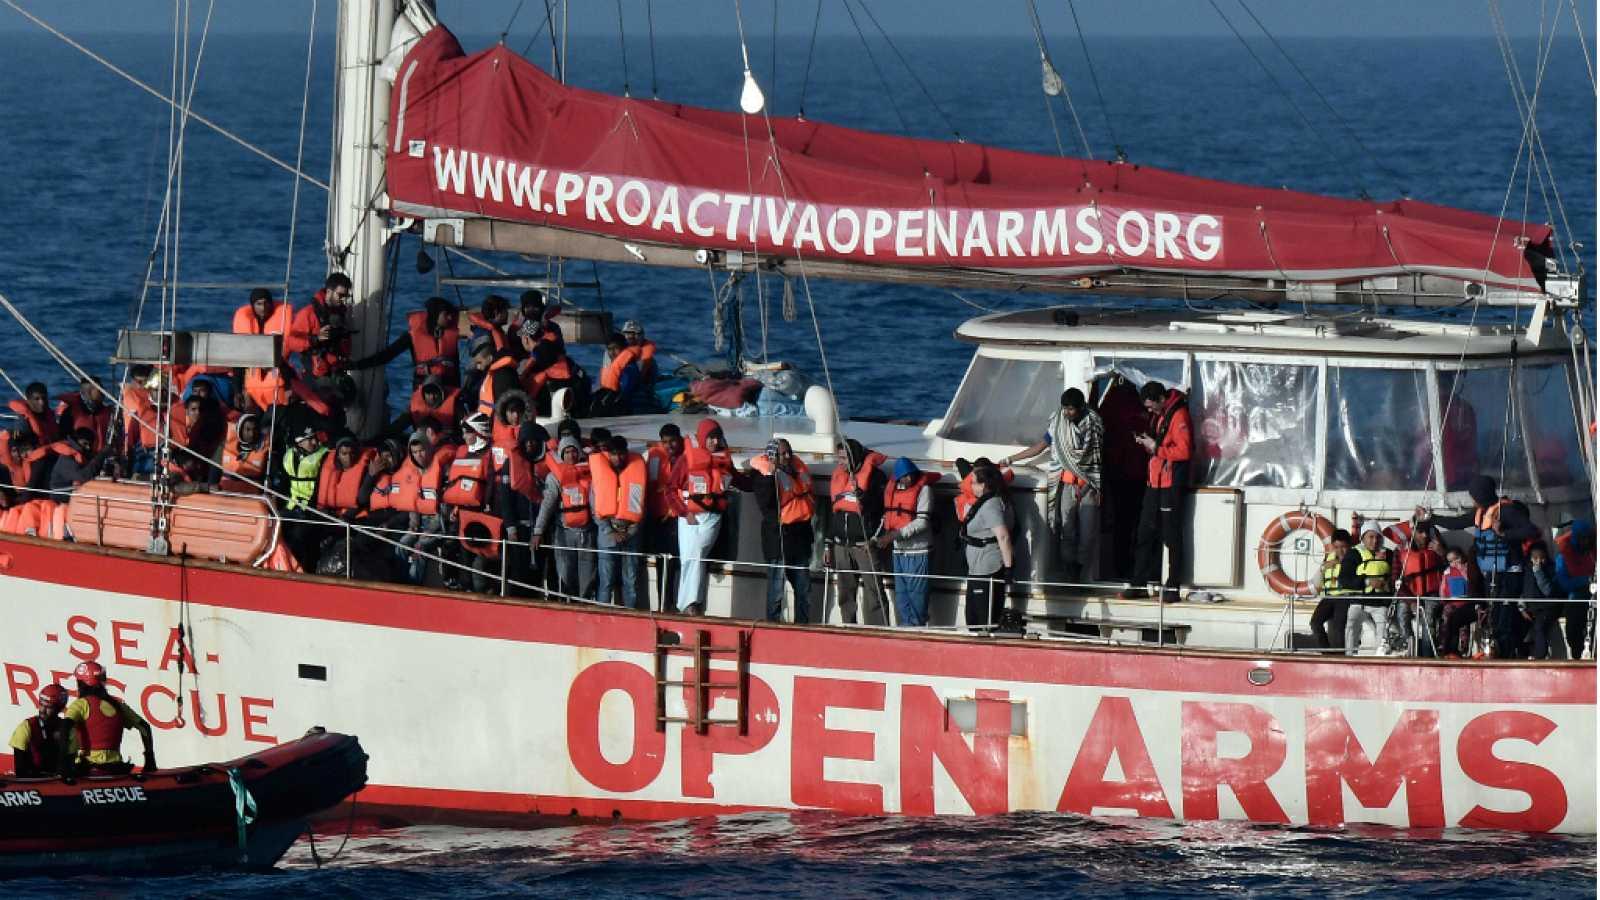 Diario de las 2 - El buque Open Arms trabajará con Salvamento Marítimo en el rescate de migrantes - Escuchar ahora